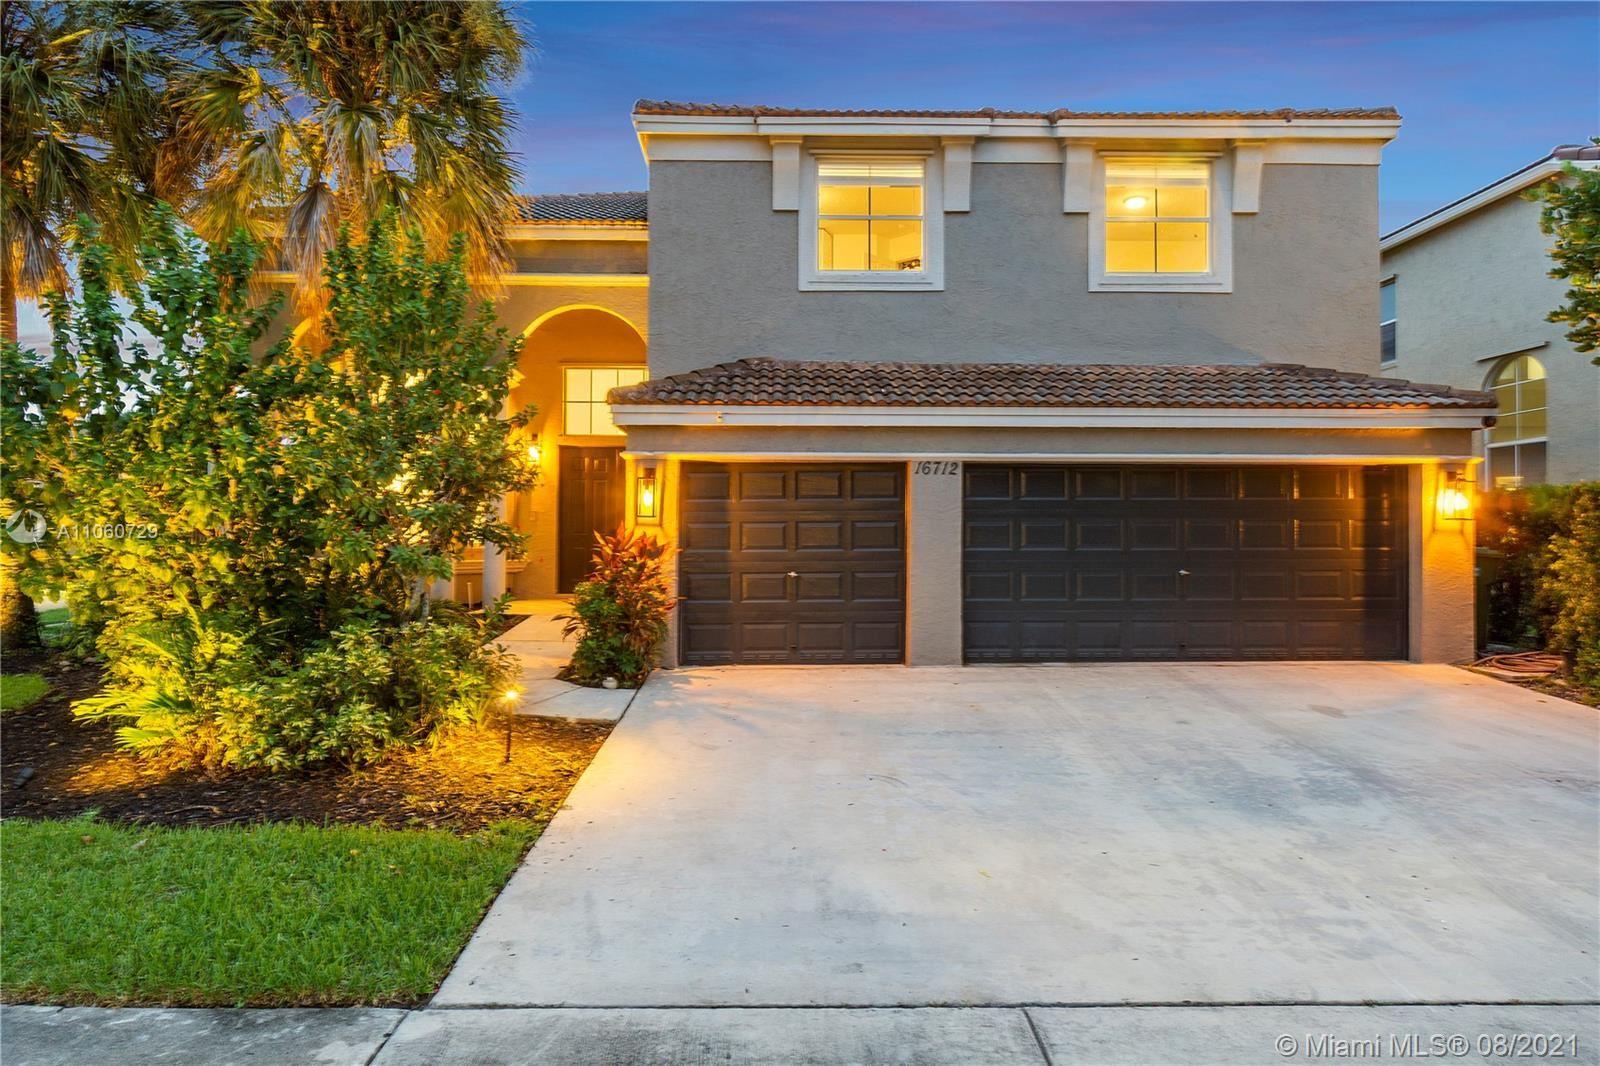 16712 SW 12th St, Pembroke Pines, FL 33027 - #: A11060729